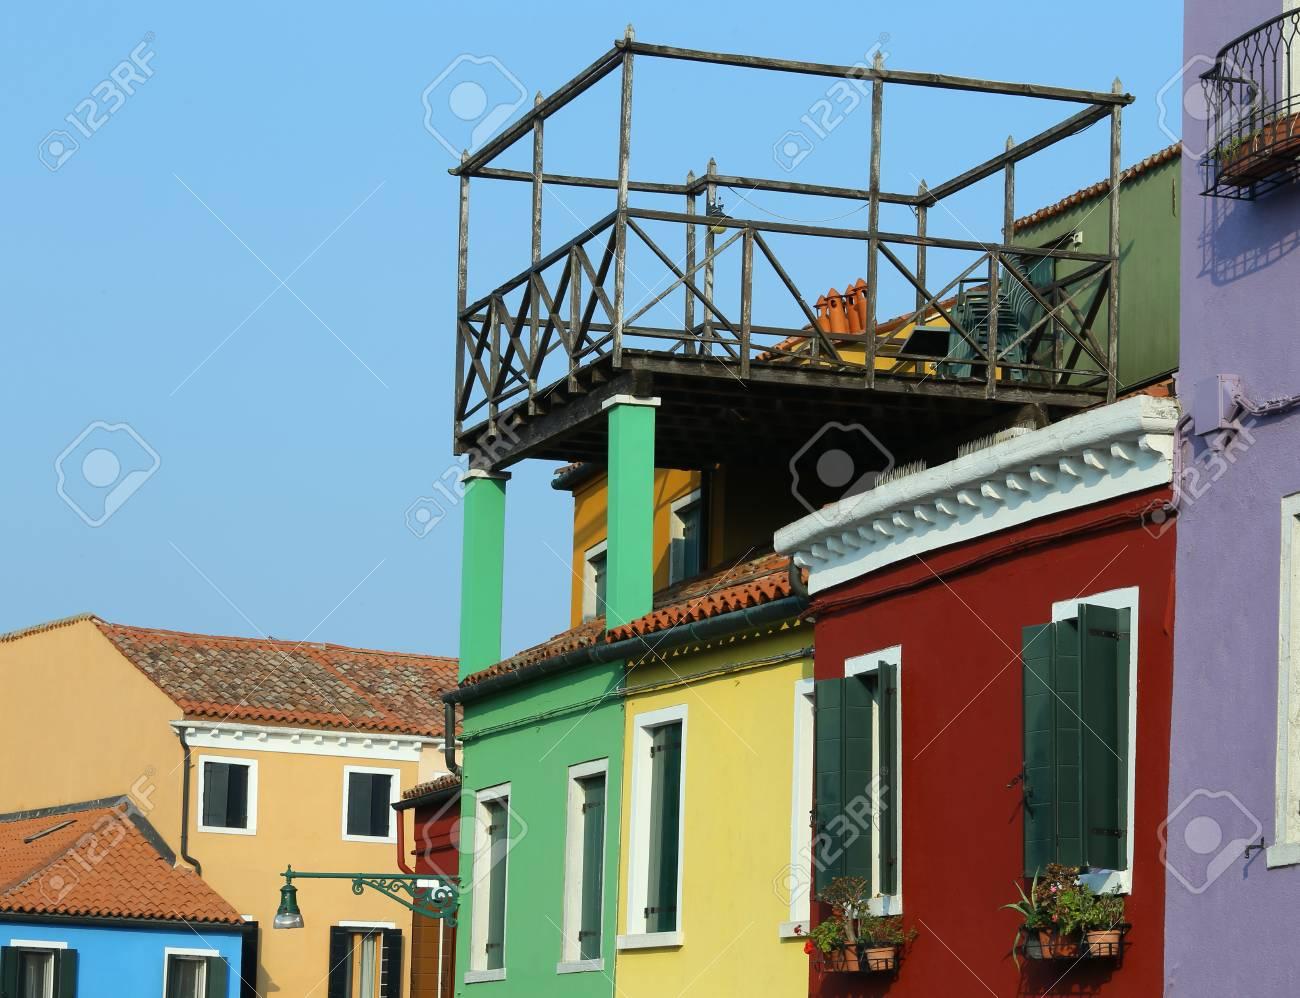 Gran Terraza También Llamada Altana En Idioma Italiano Sobre El Techo De La Casa Veneciana En El Norte De Italia